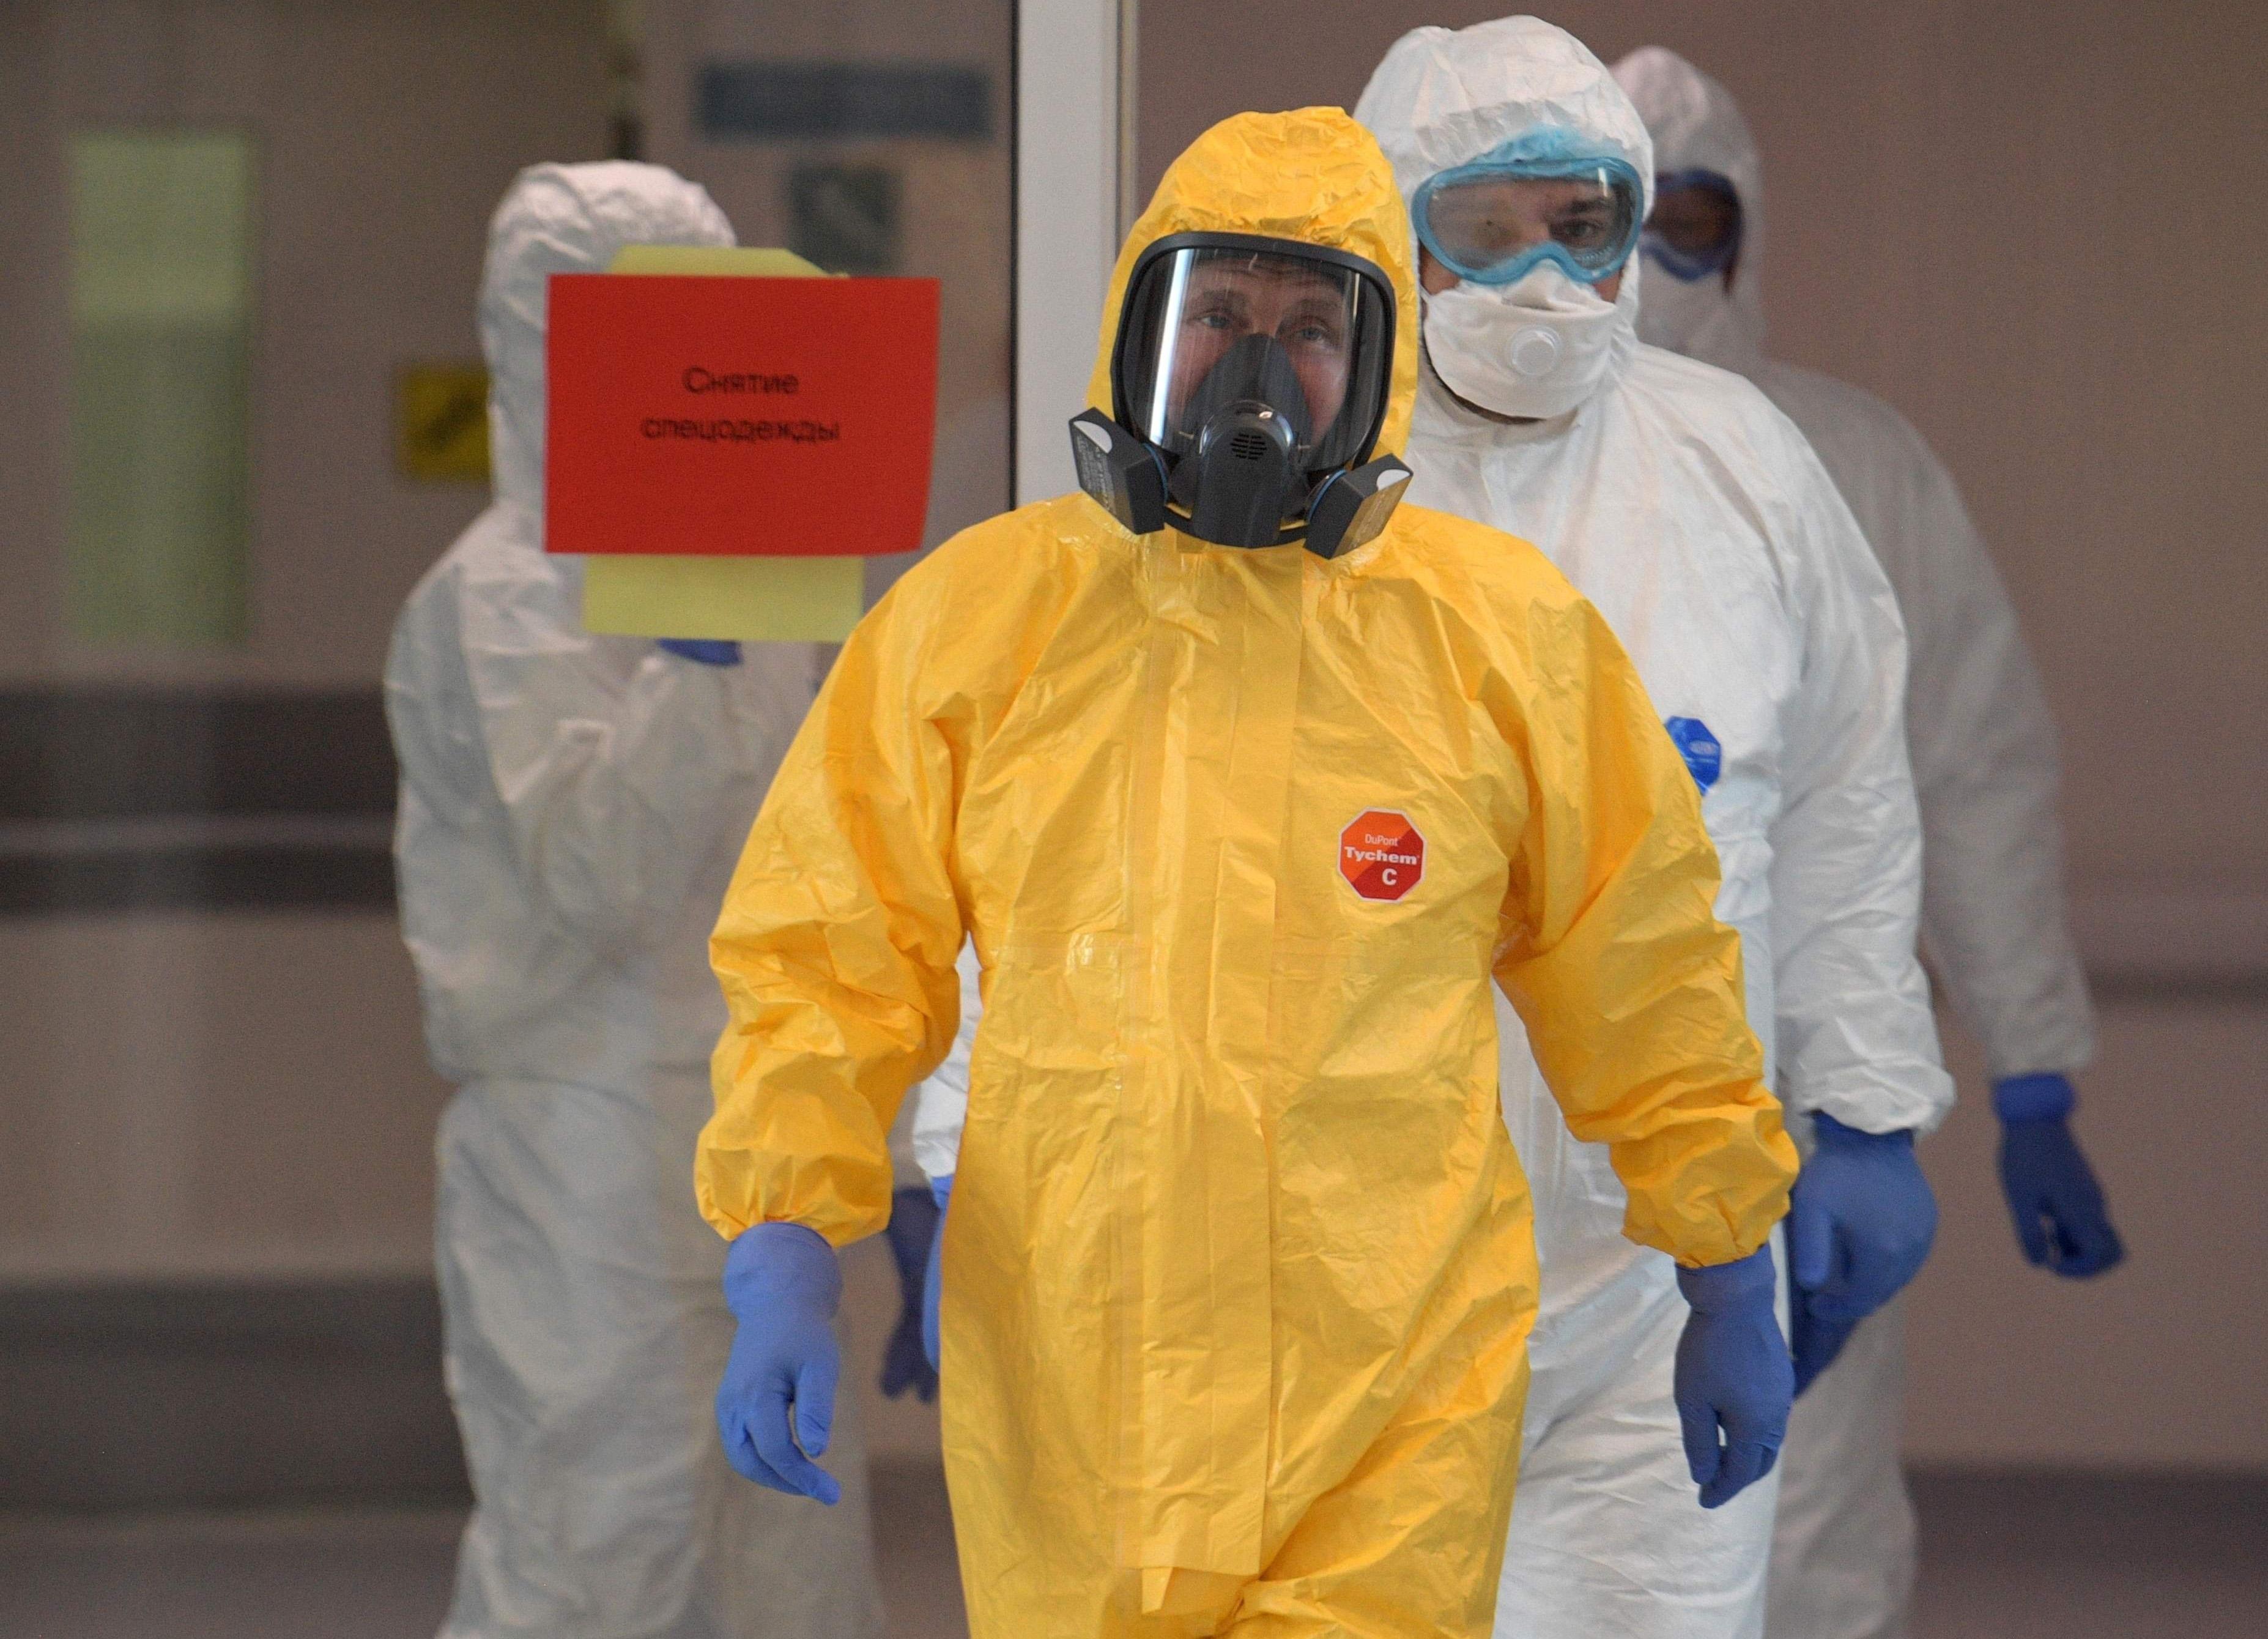 Президент России Владимир Путин во время визита вбольницу вКоммунарке,куда доставляют пациентов скоронавирусной инфекцией.